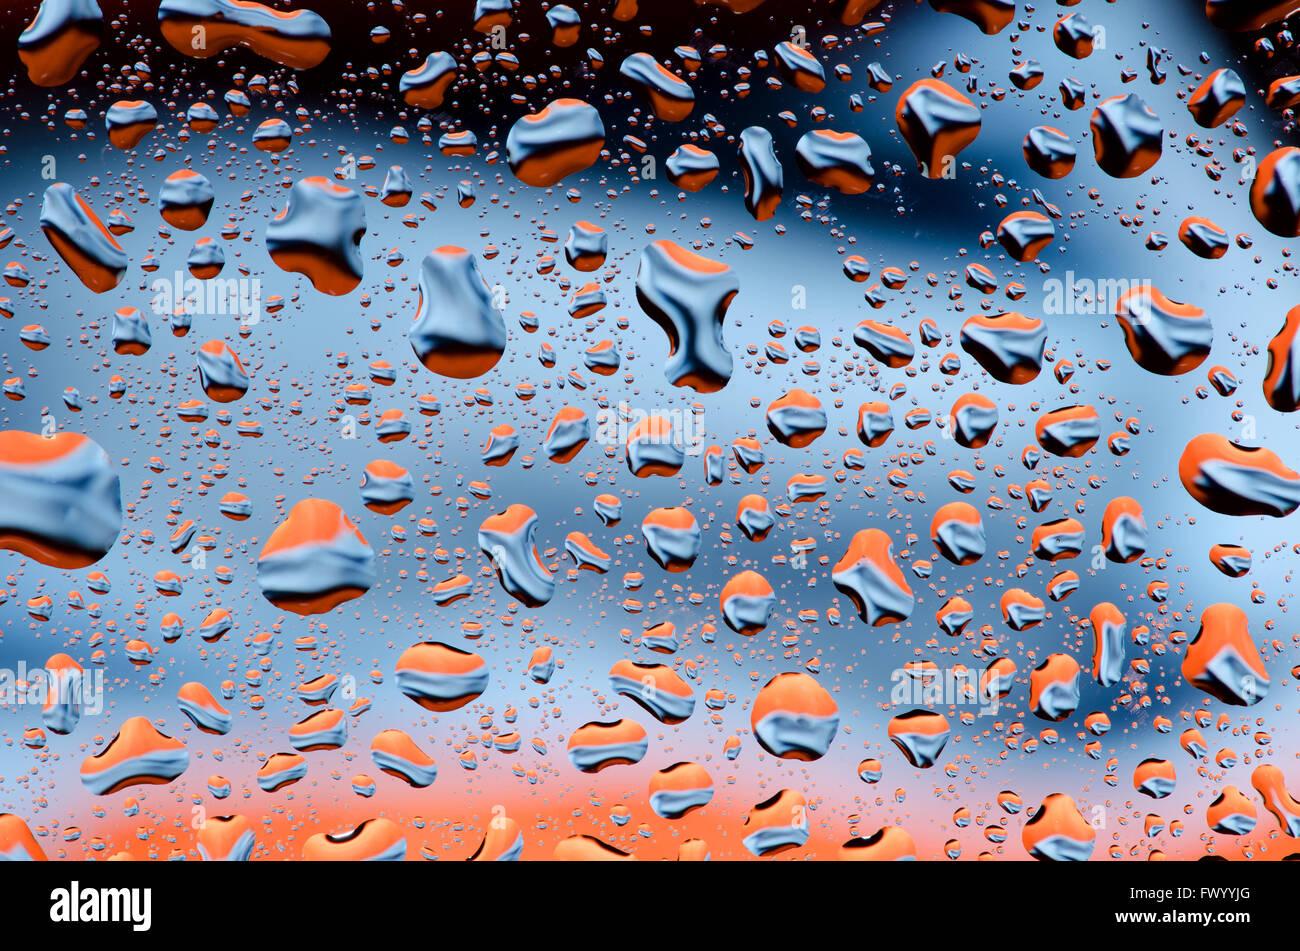 Negro Azul naranja de fondo con patrón de gotas de agua. Imagen De Stock